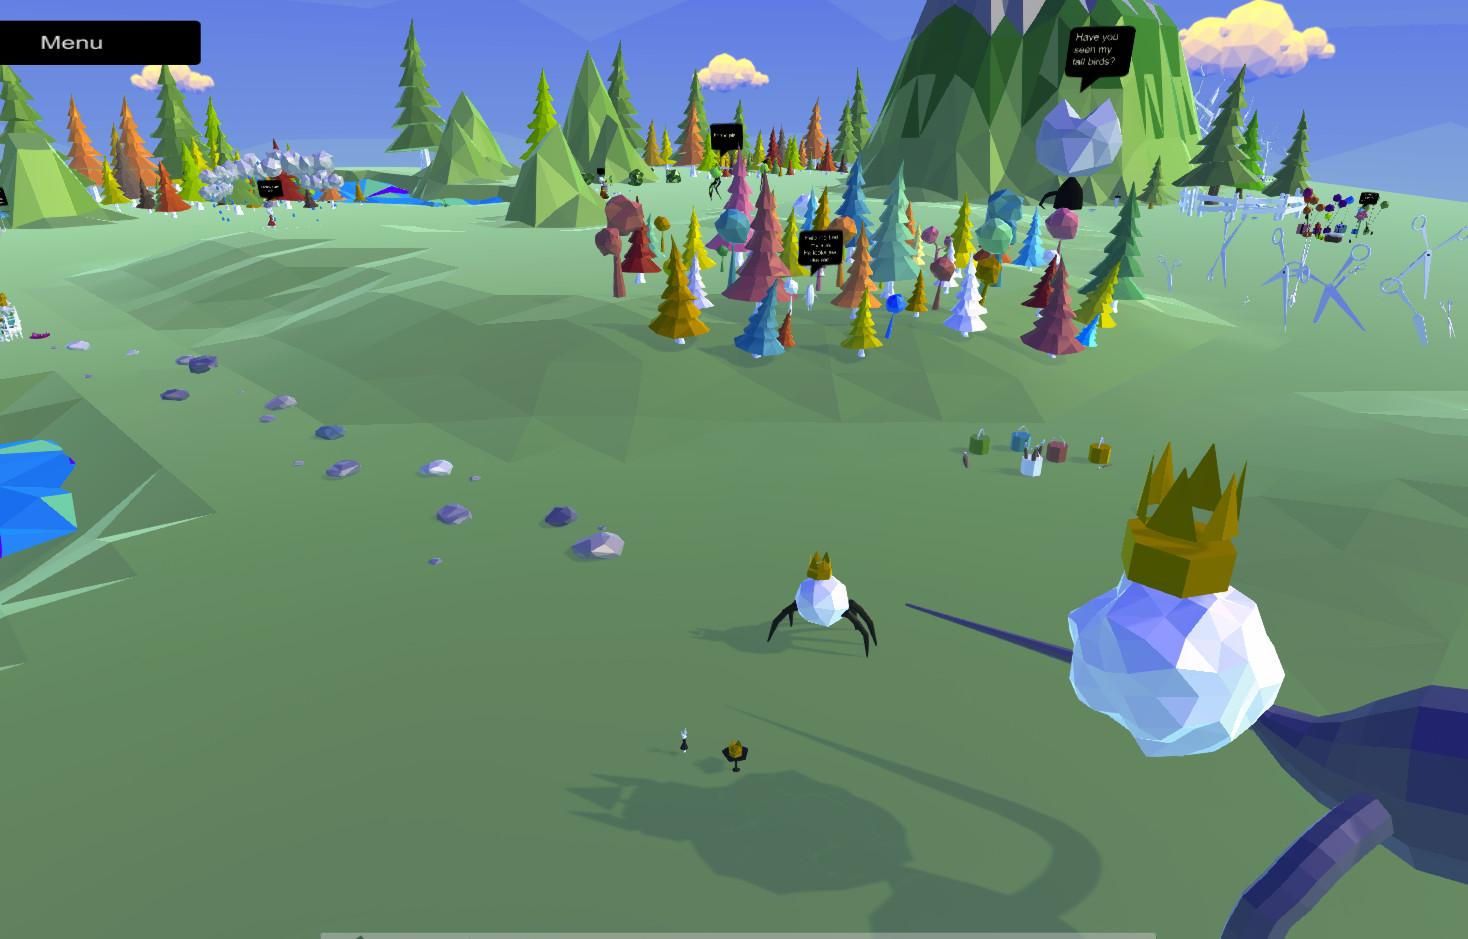 com.steam.1060870-screenshot